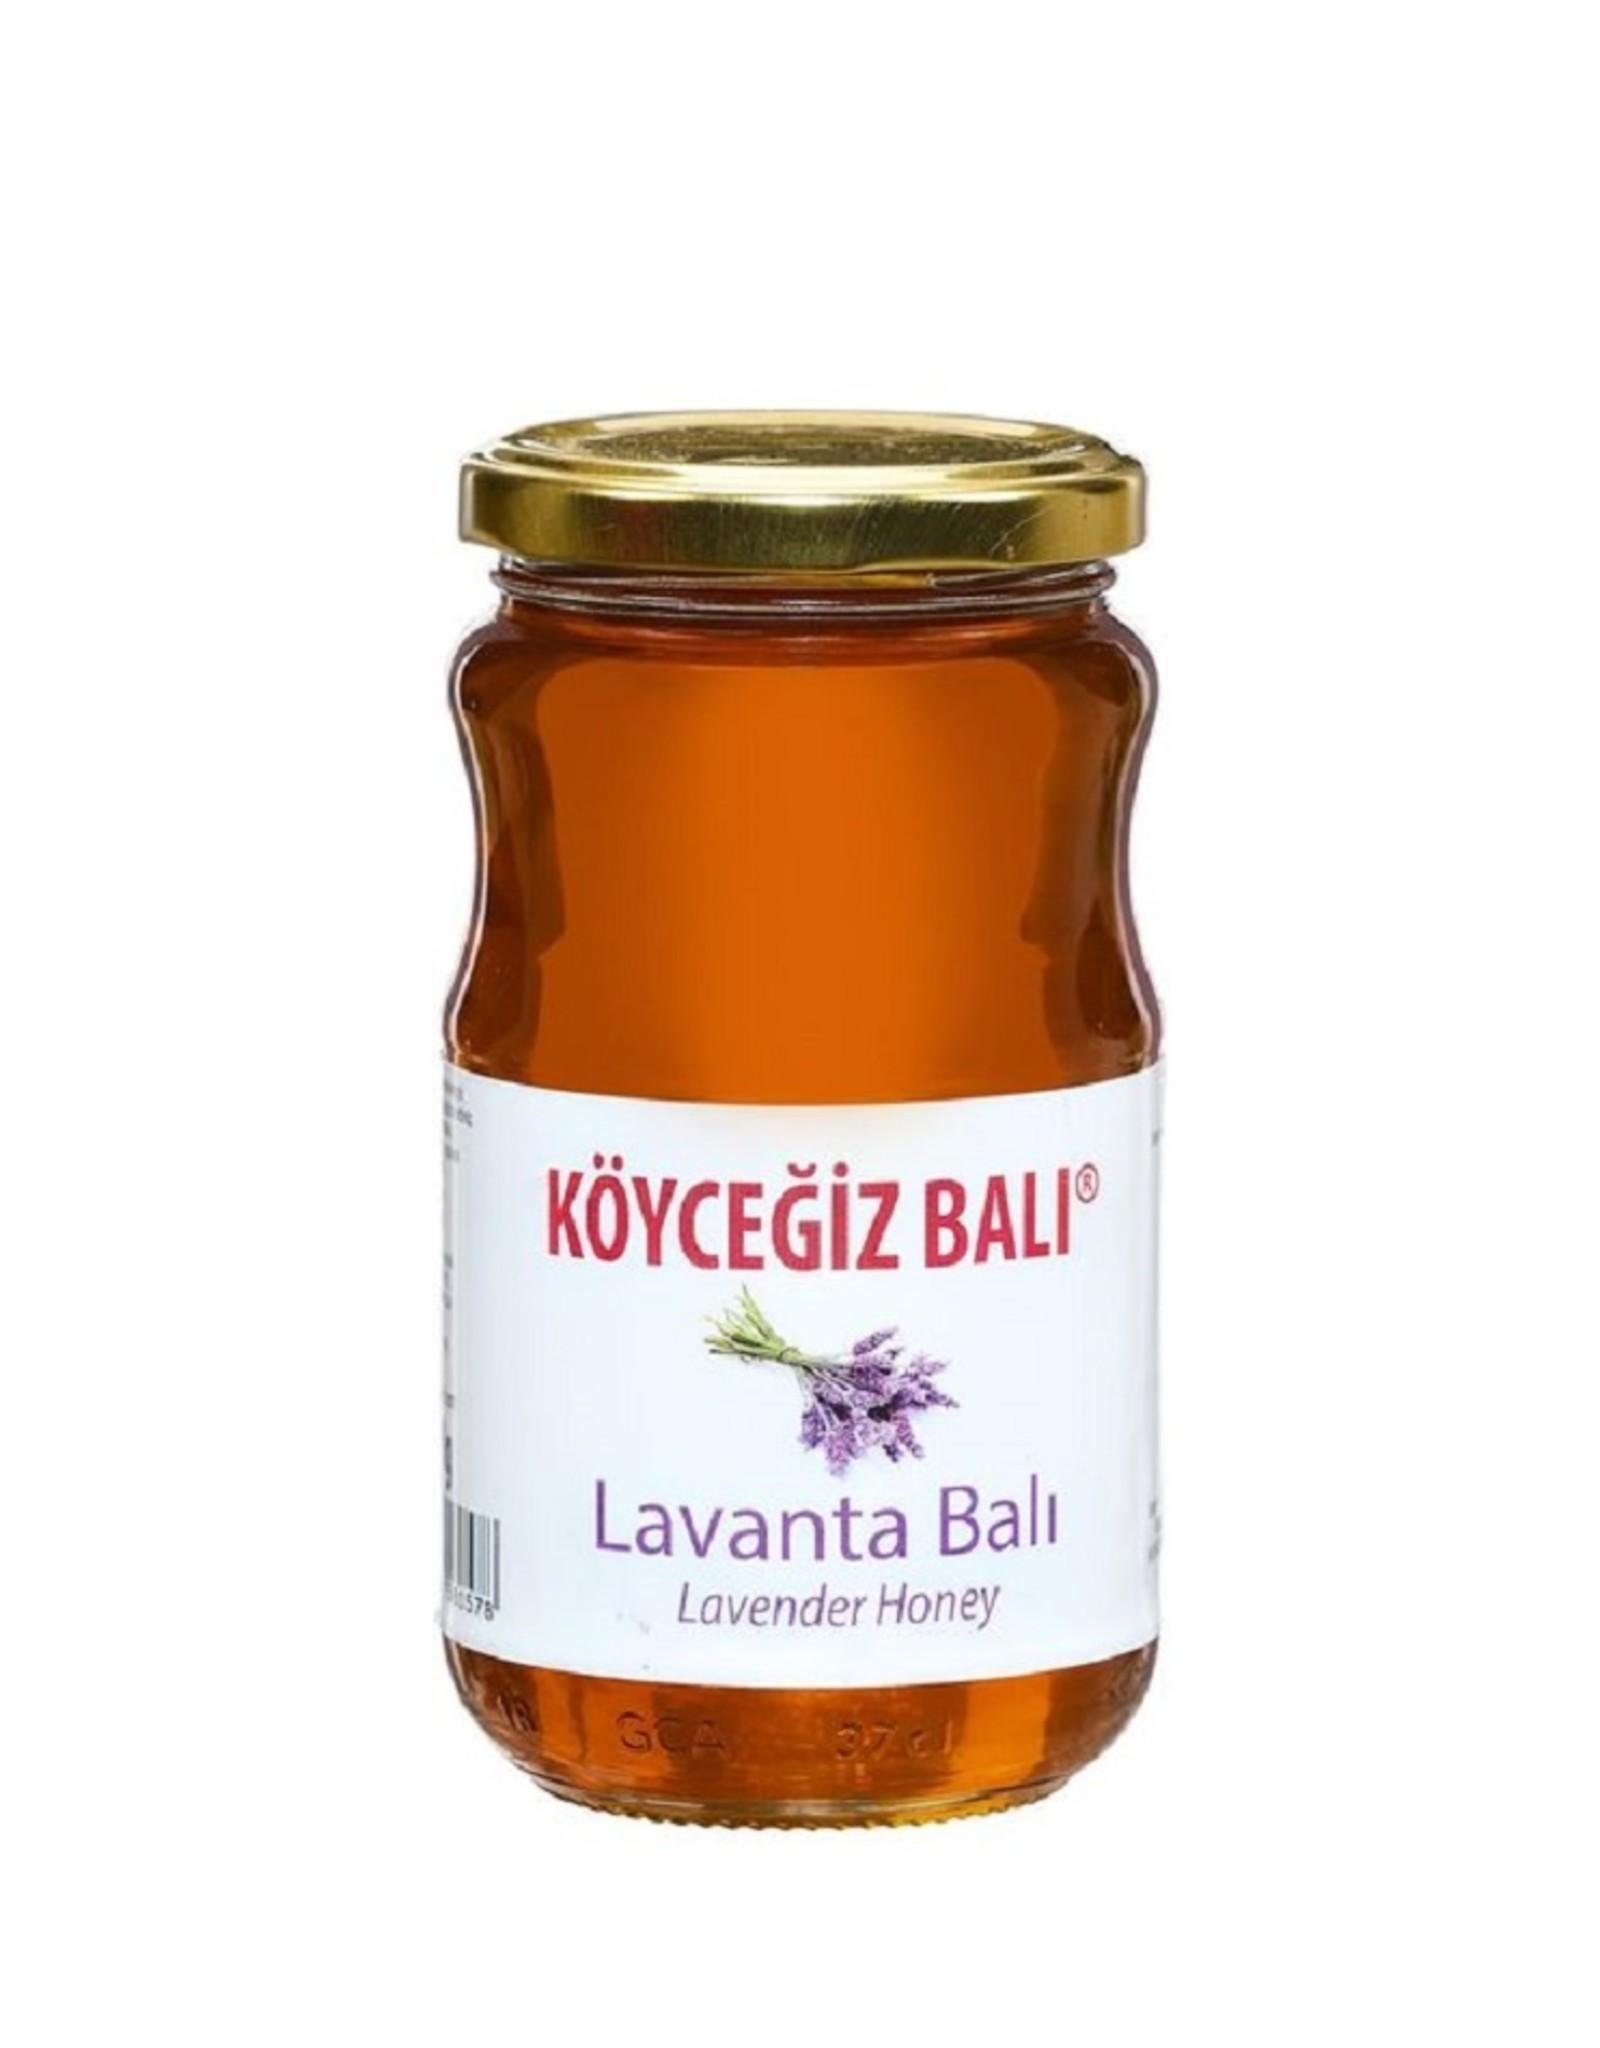 Köyceğiz Balı Natuurlijke Turkse Lavendelhoning Köyceğiz Balı 450g